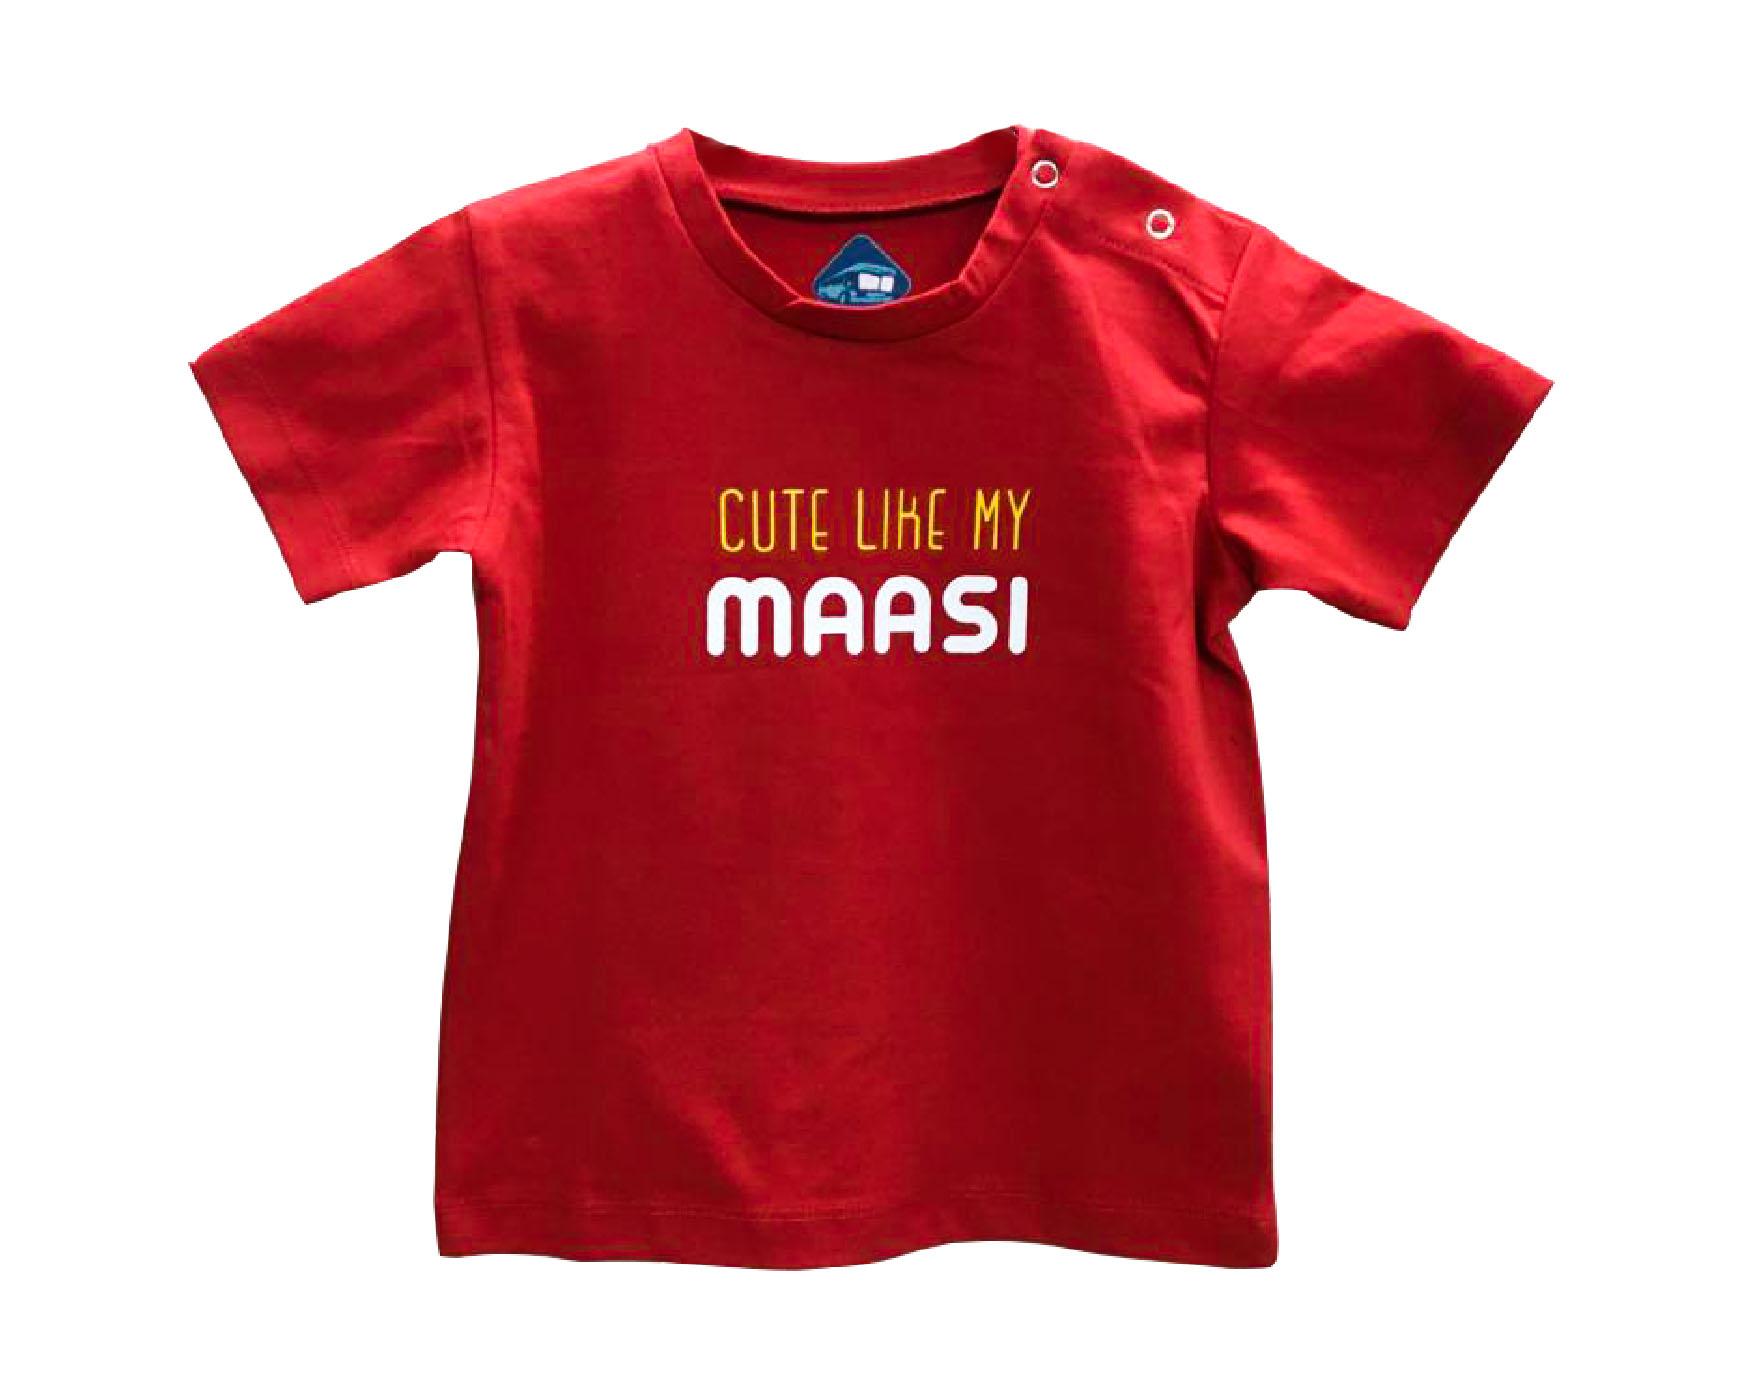 cute-maasi-t-shirt.jpg